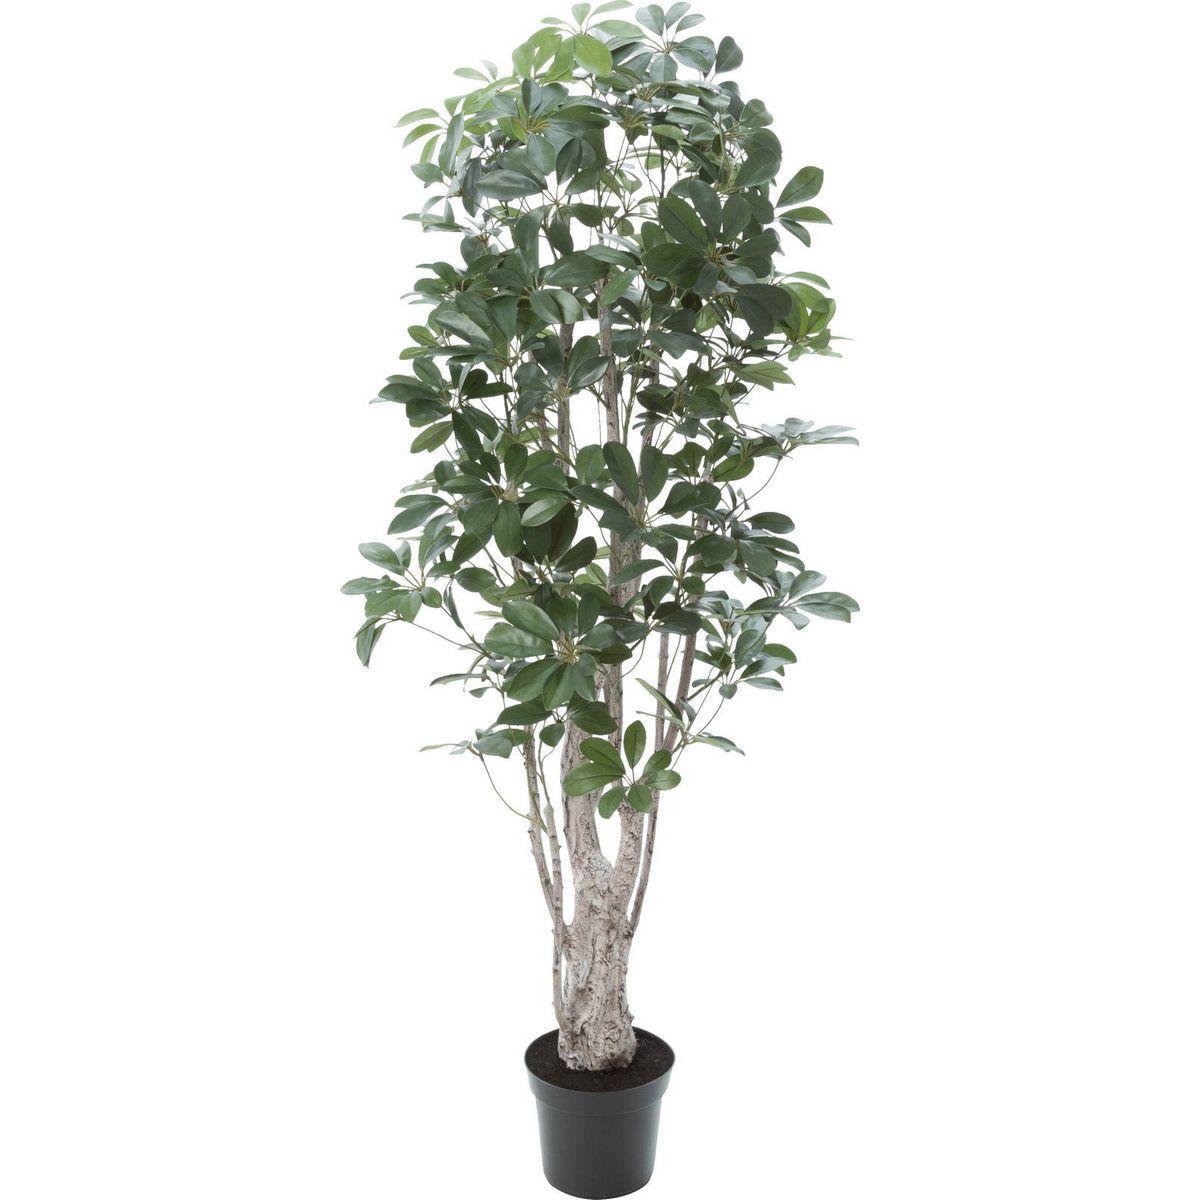 【直送】【人工観葉植物】YDM/シェフレラ グリーン/GLP-1518-GR ※返品・代引不可【01】《 造花(人工観葉植物) 人工観葉植物「さ行」 シェフレラ 》